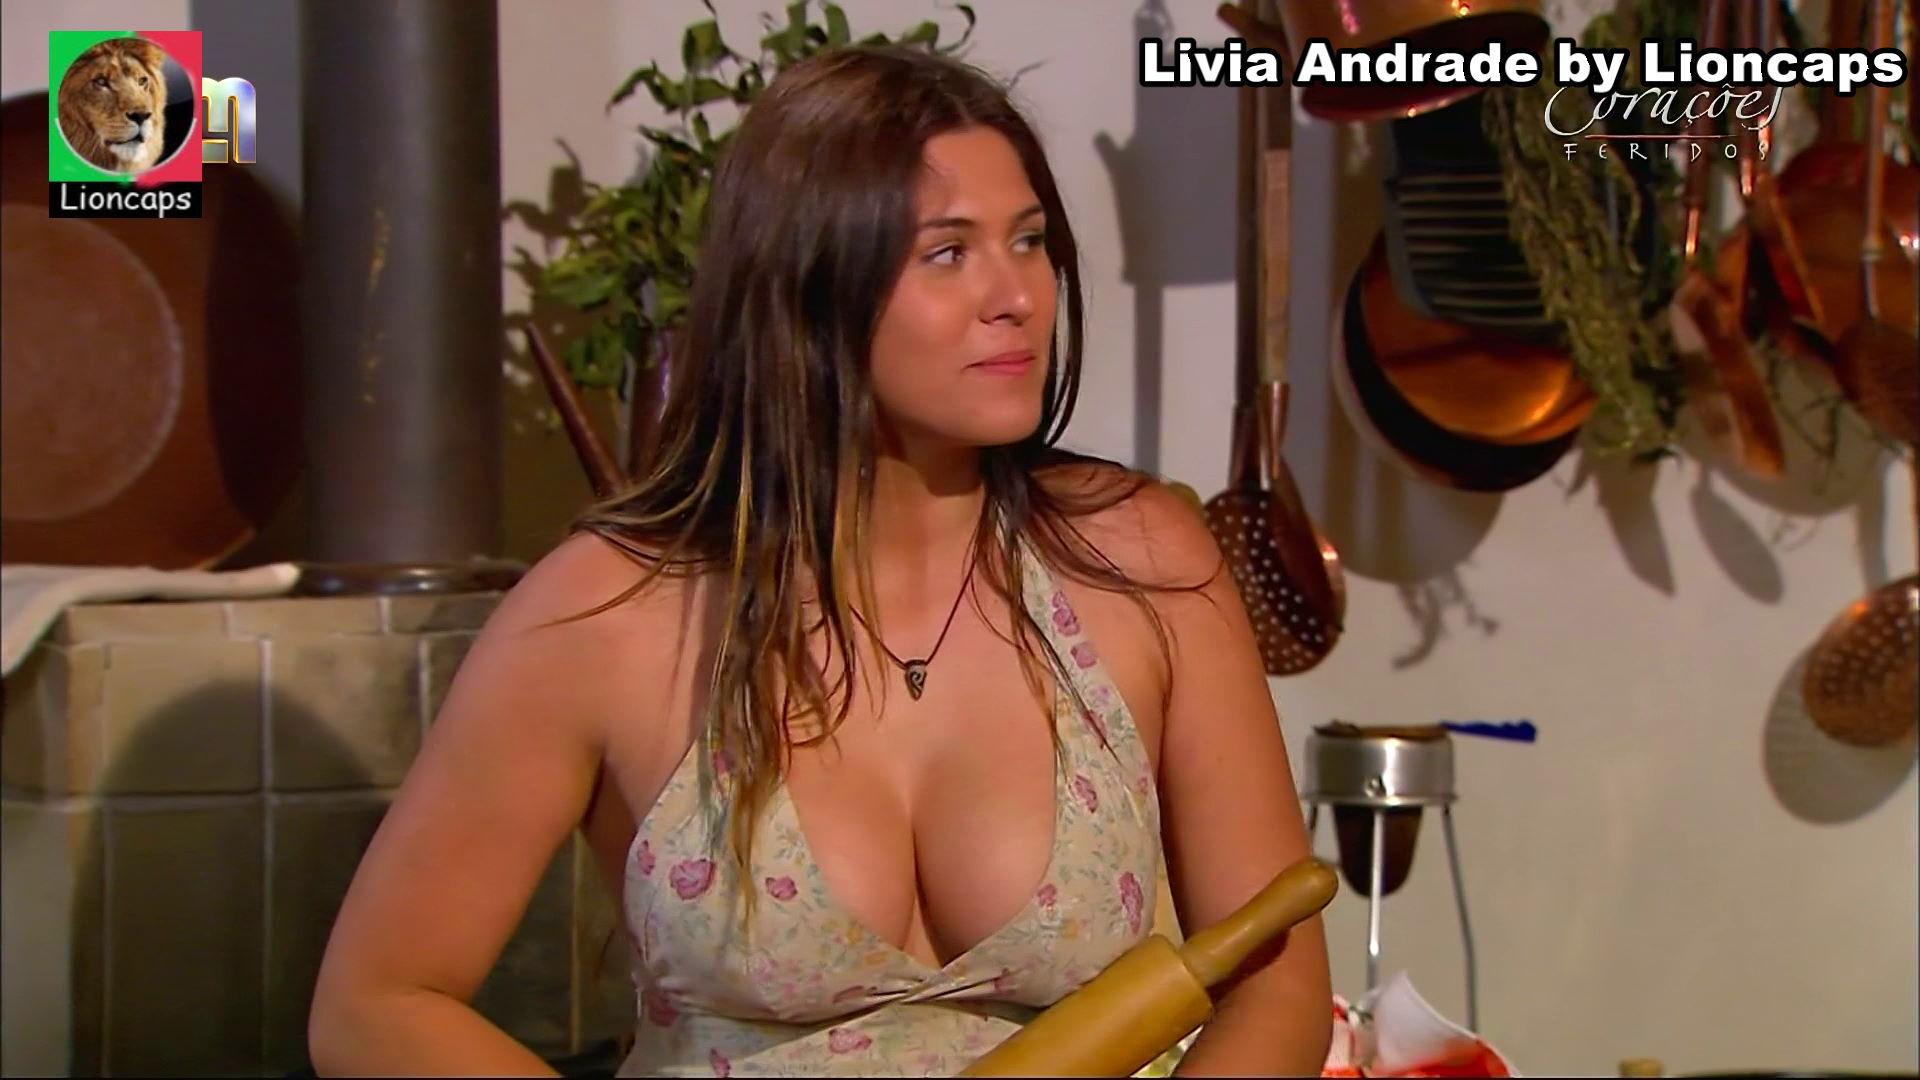 livia_andrade_vs200503-093 (6).JPG